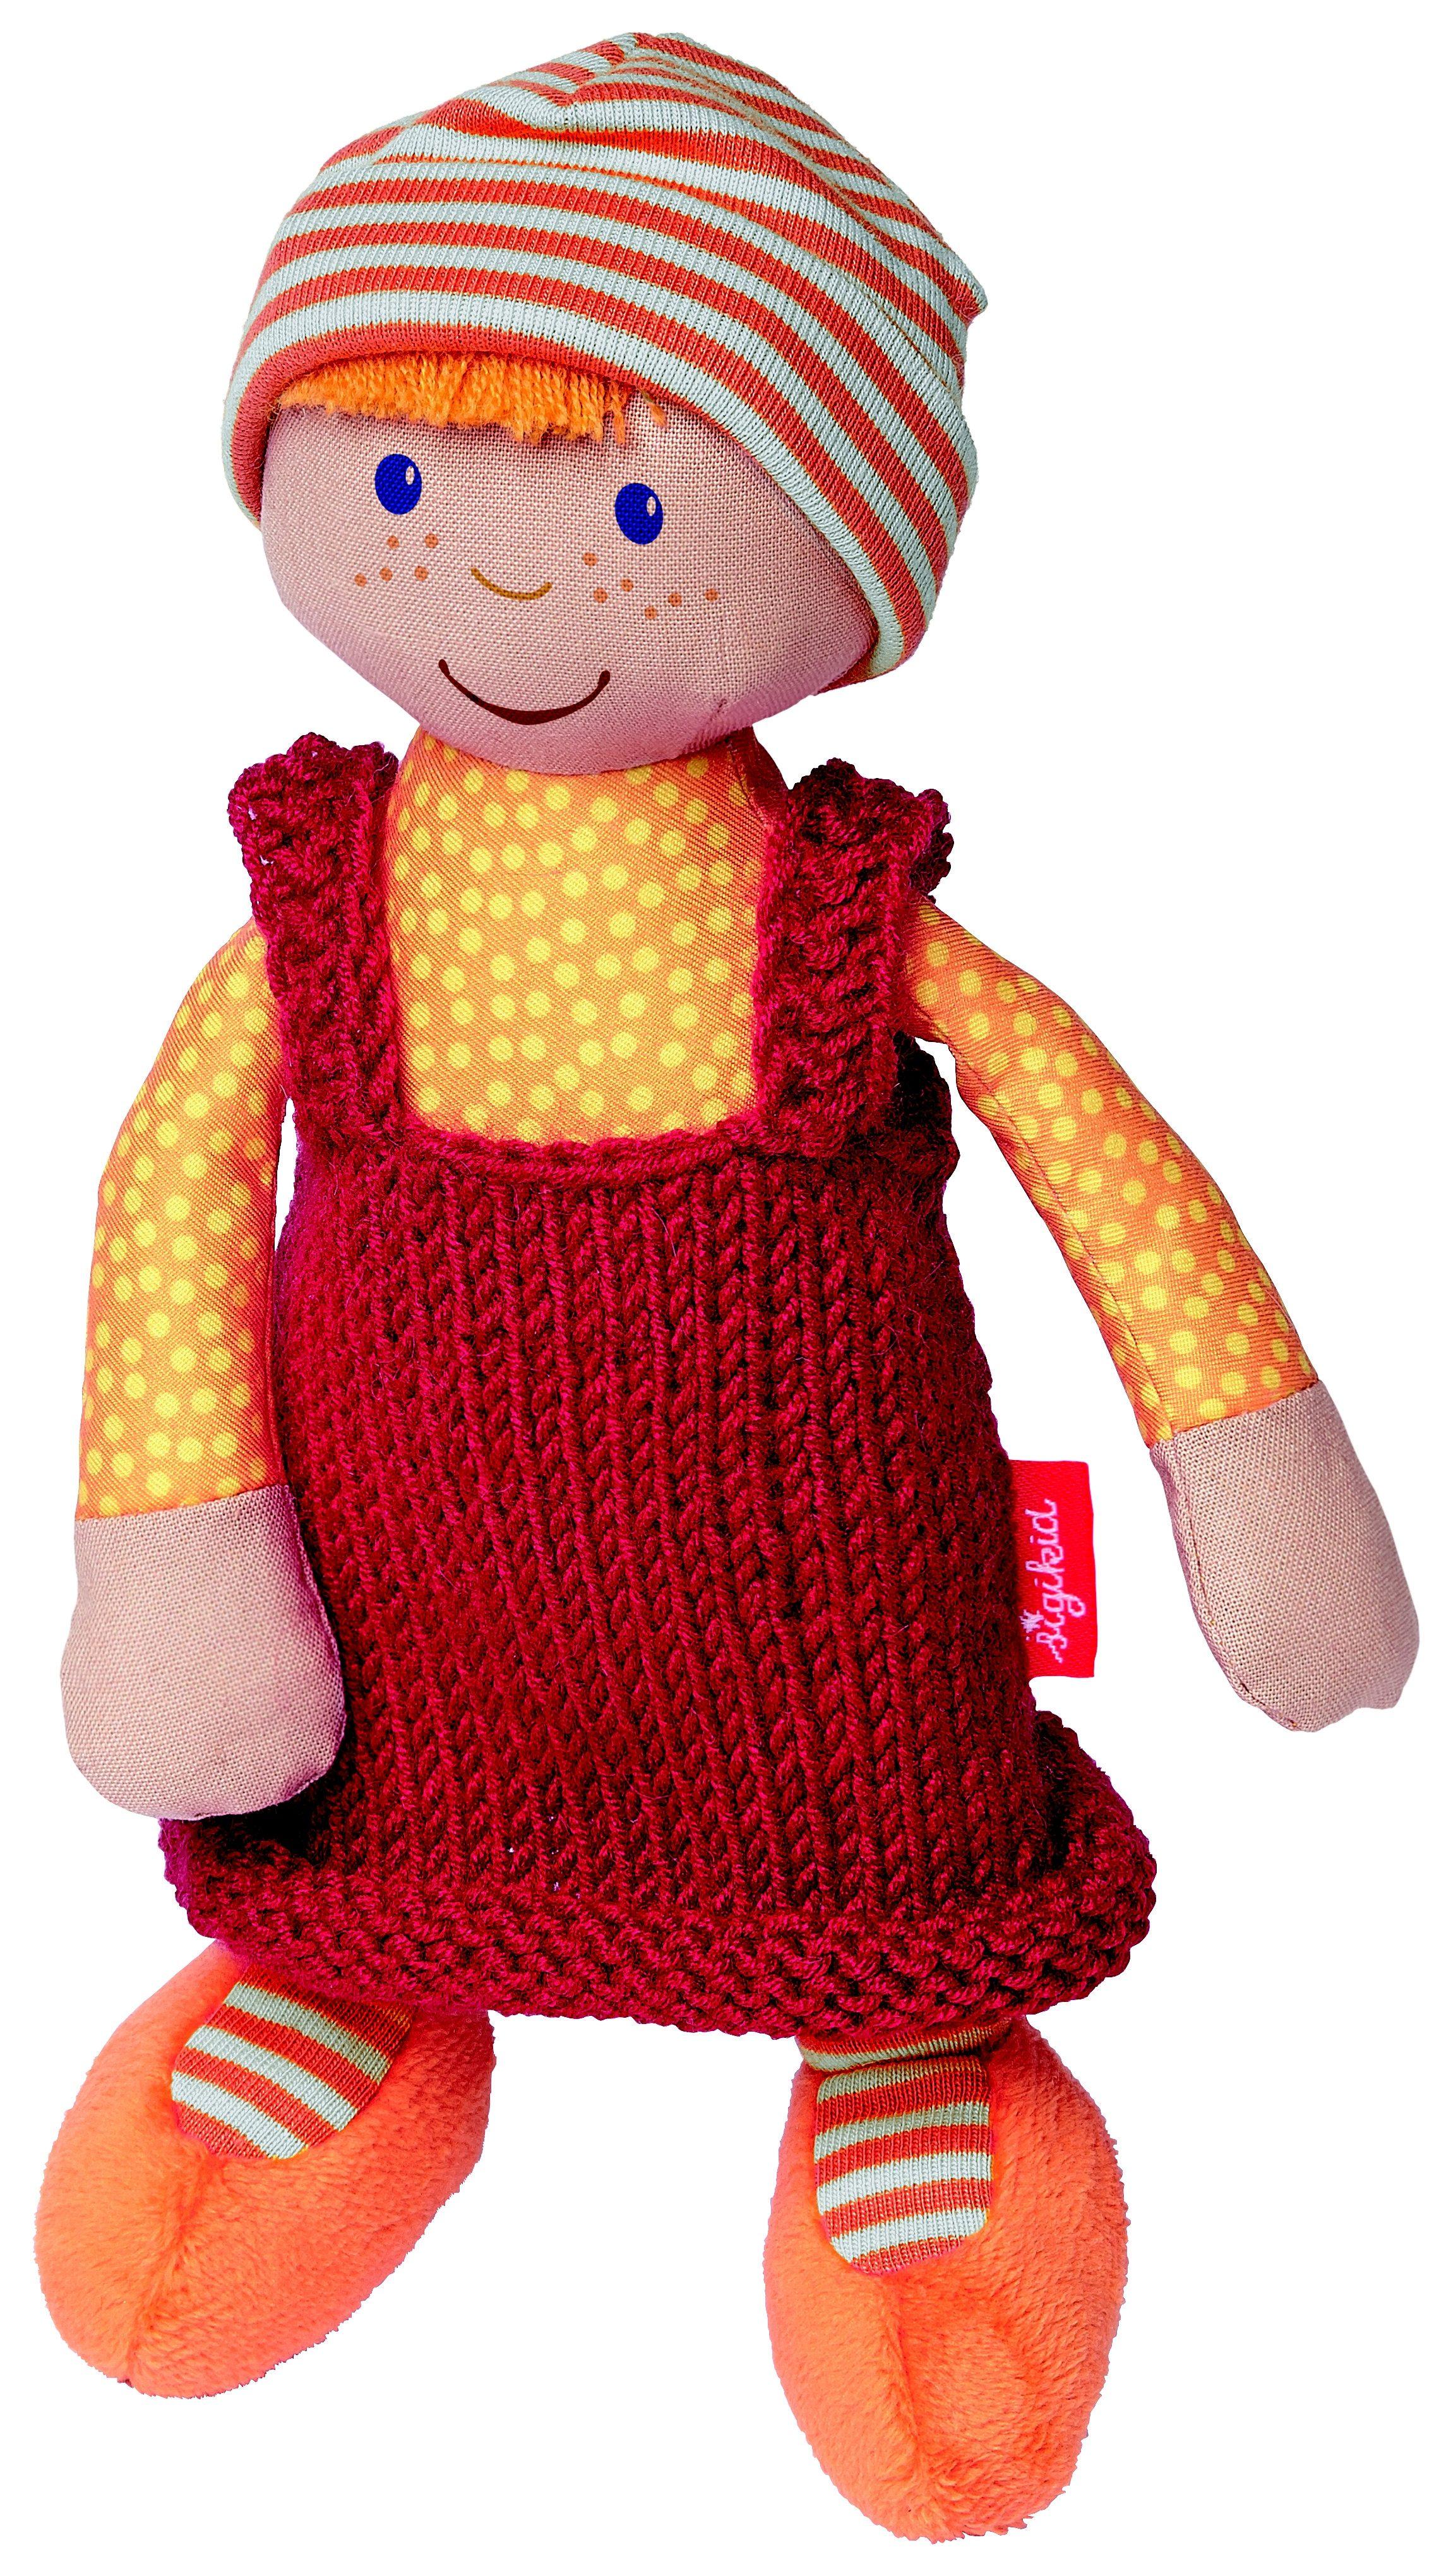 sigikid® Puppe mit Strickkleid, orange/rot, »Sigidolly - Meine erste Puppe«